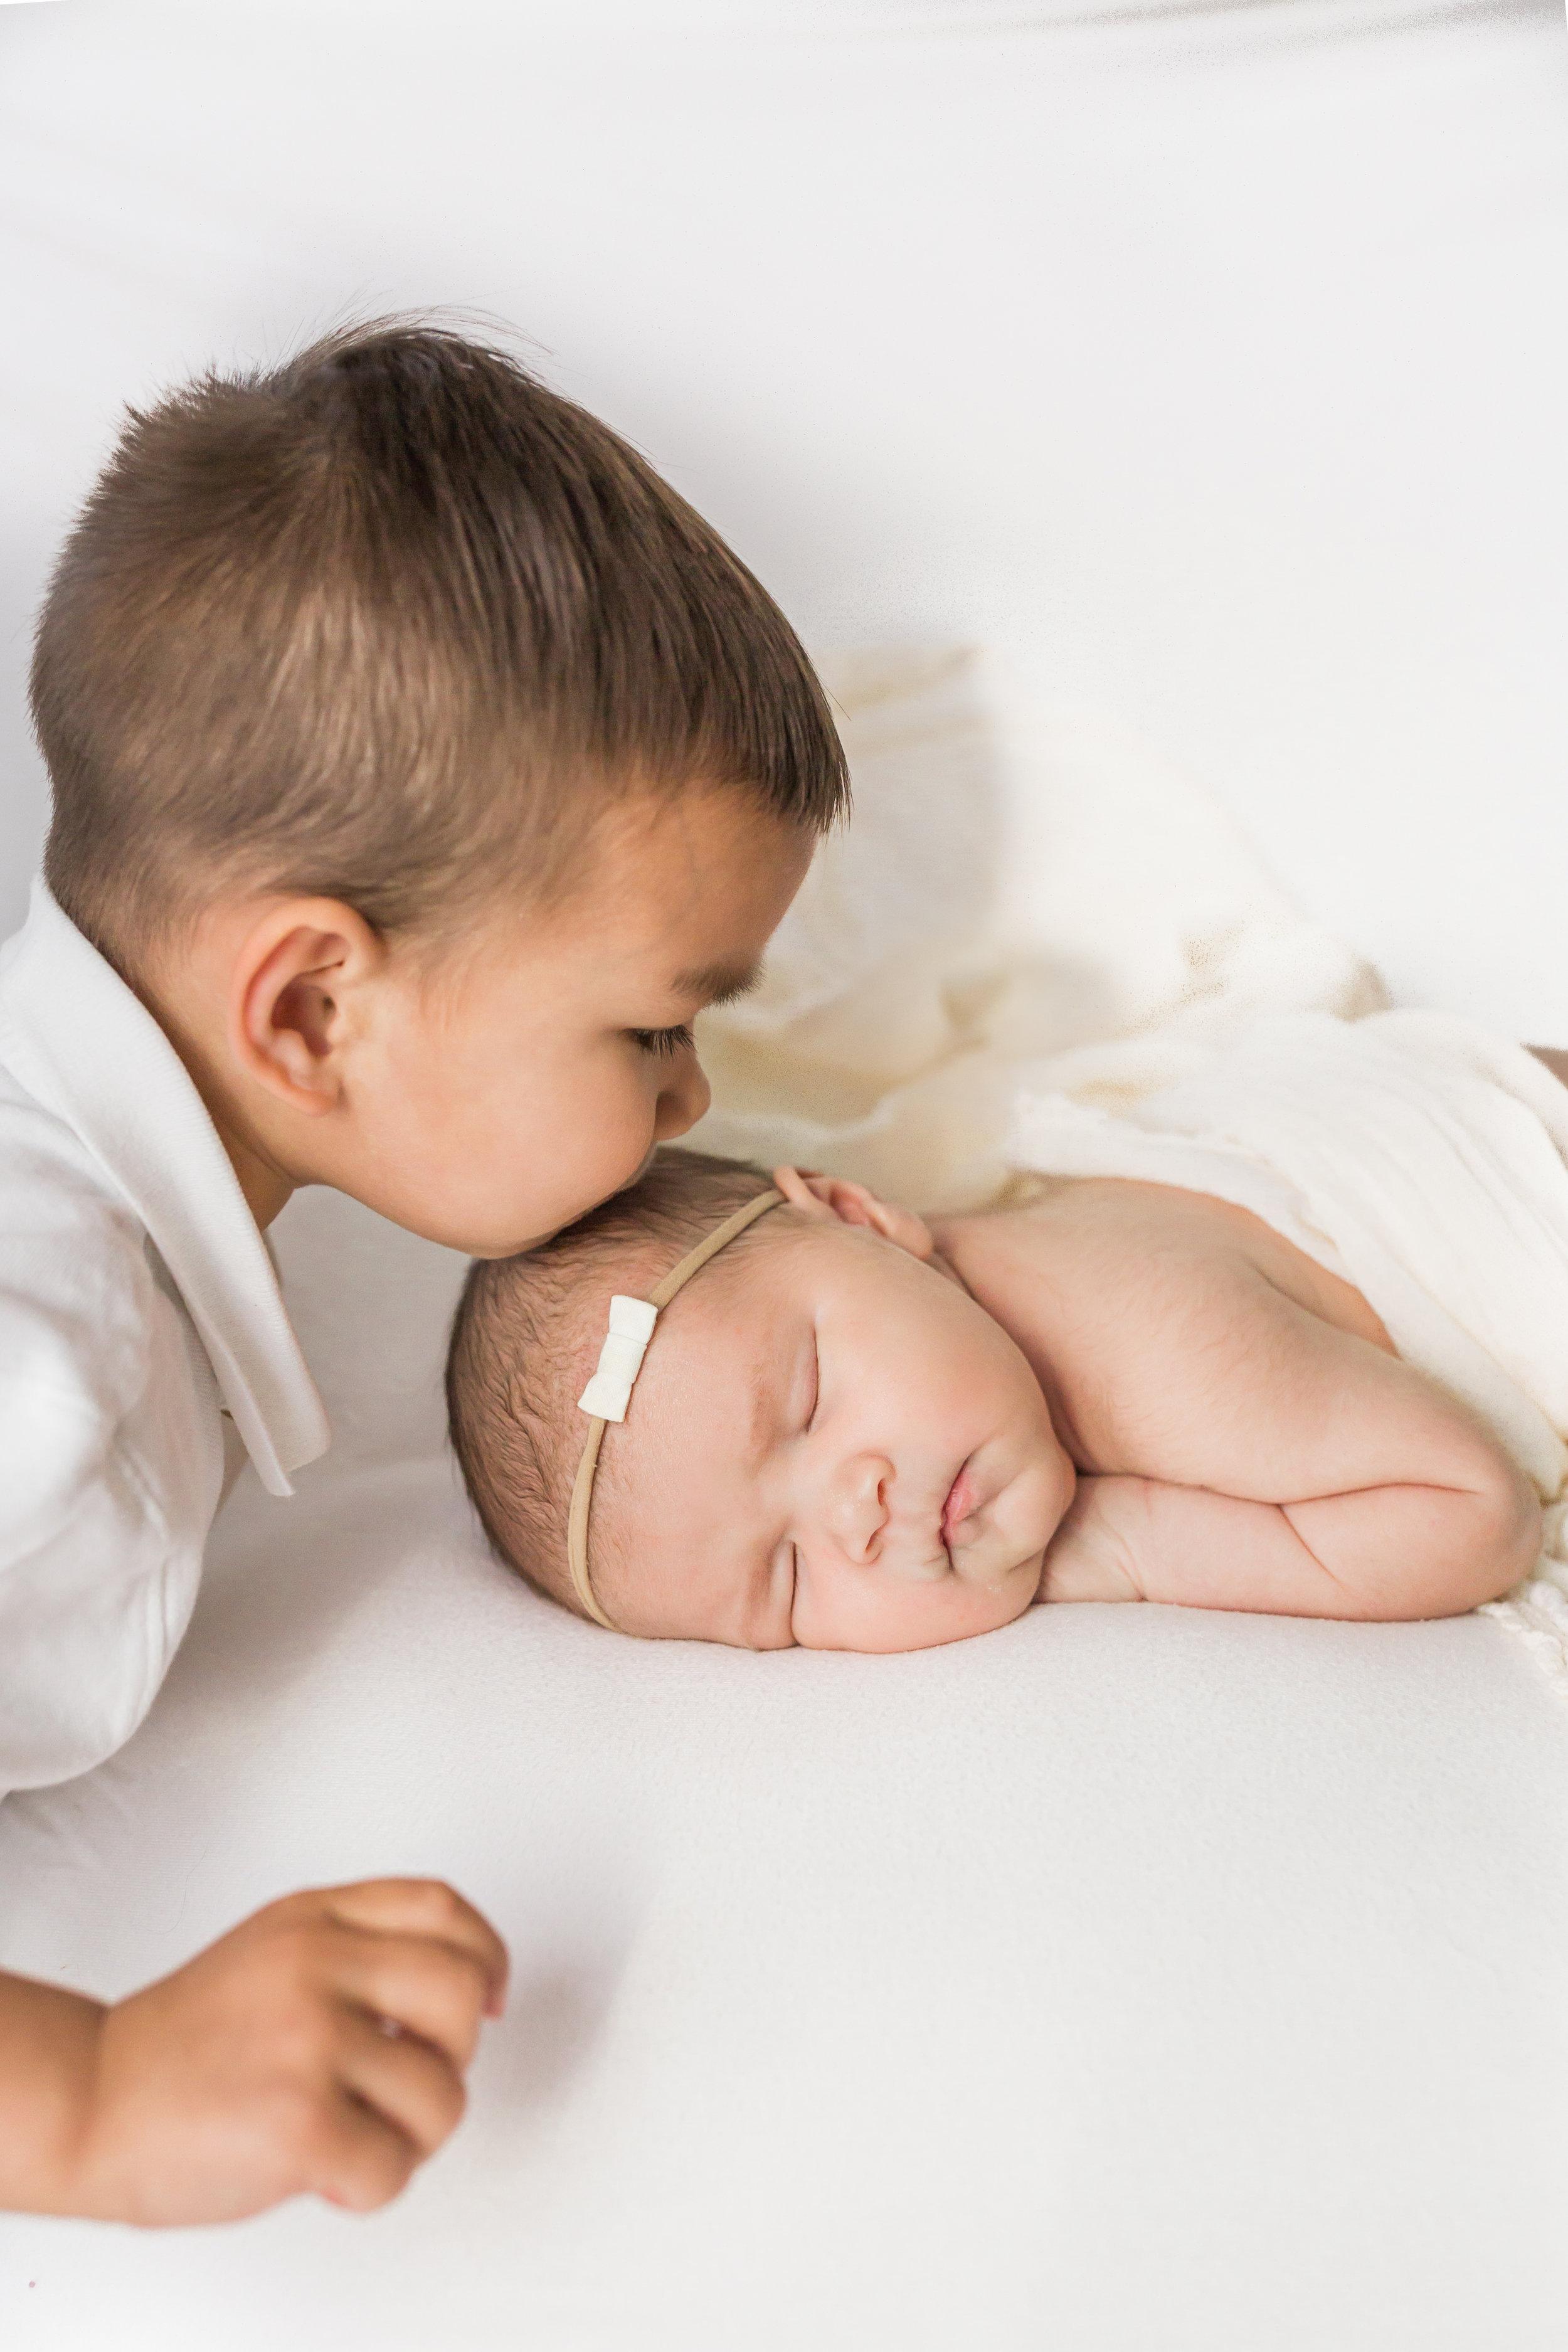 Austen s Newborn Photos-Austen-0022.jpg